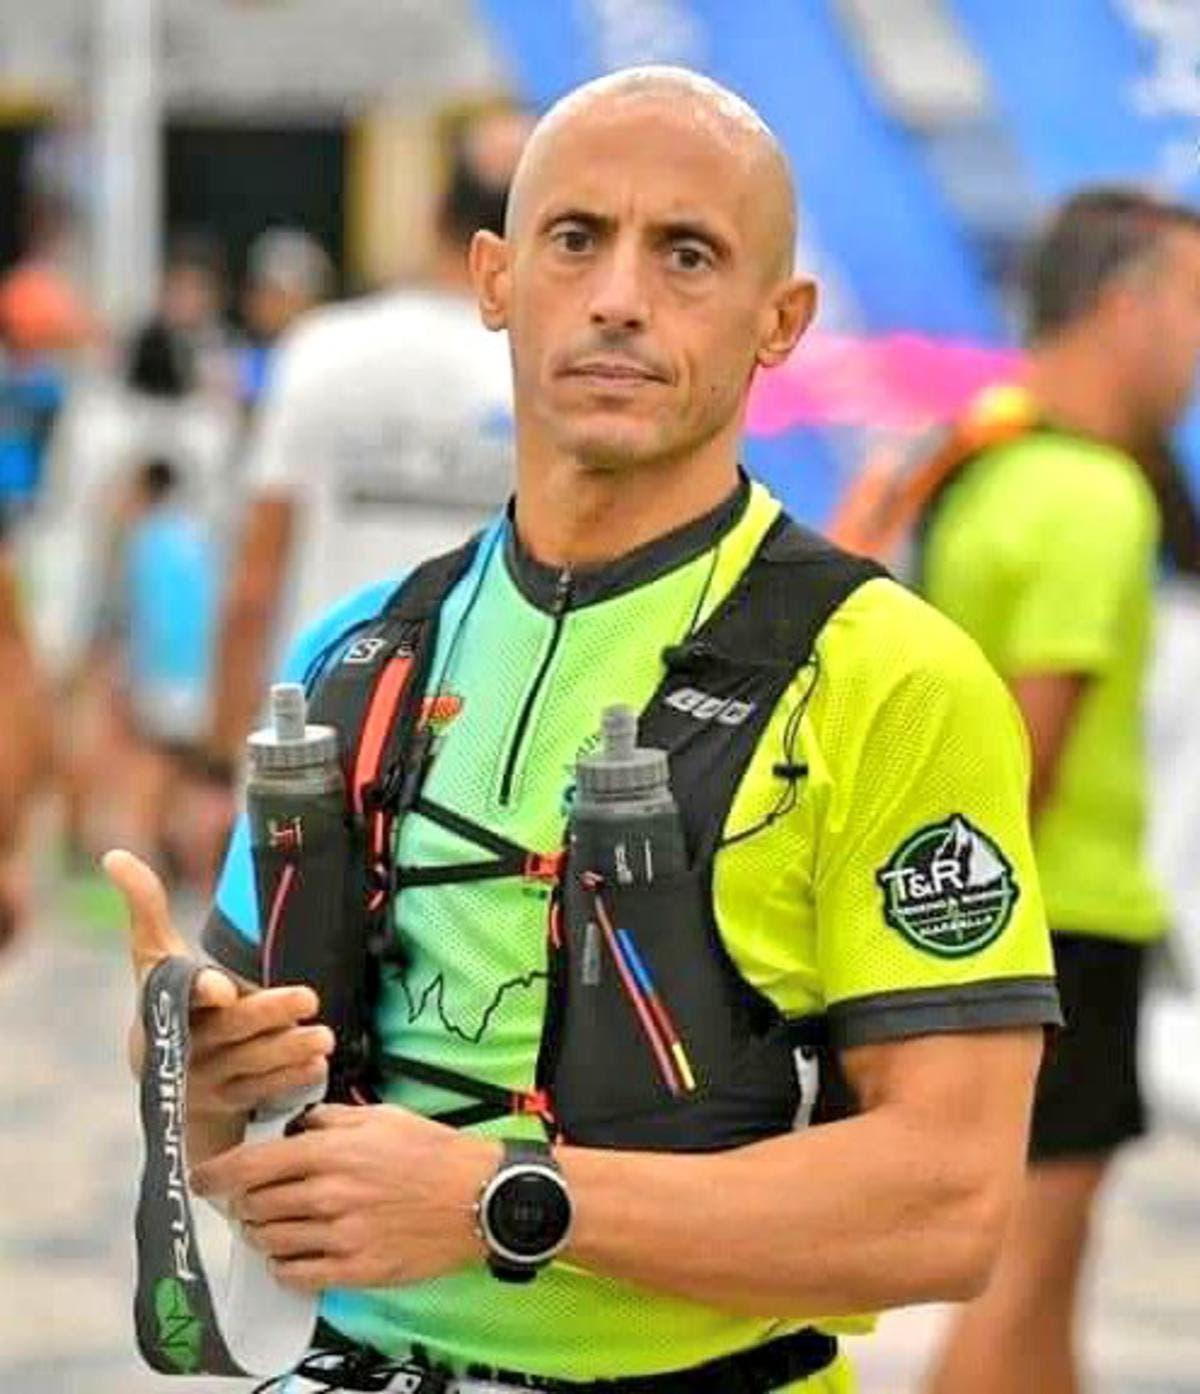 Mario Zumaquero